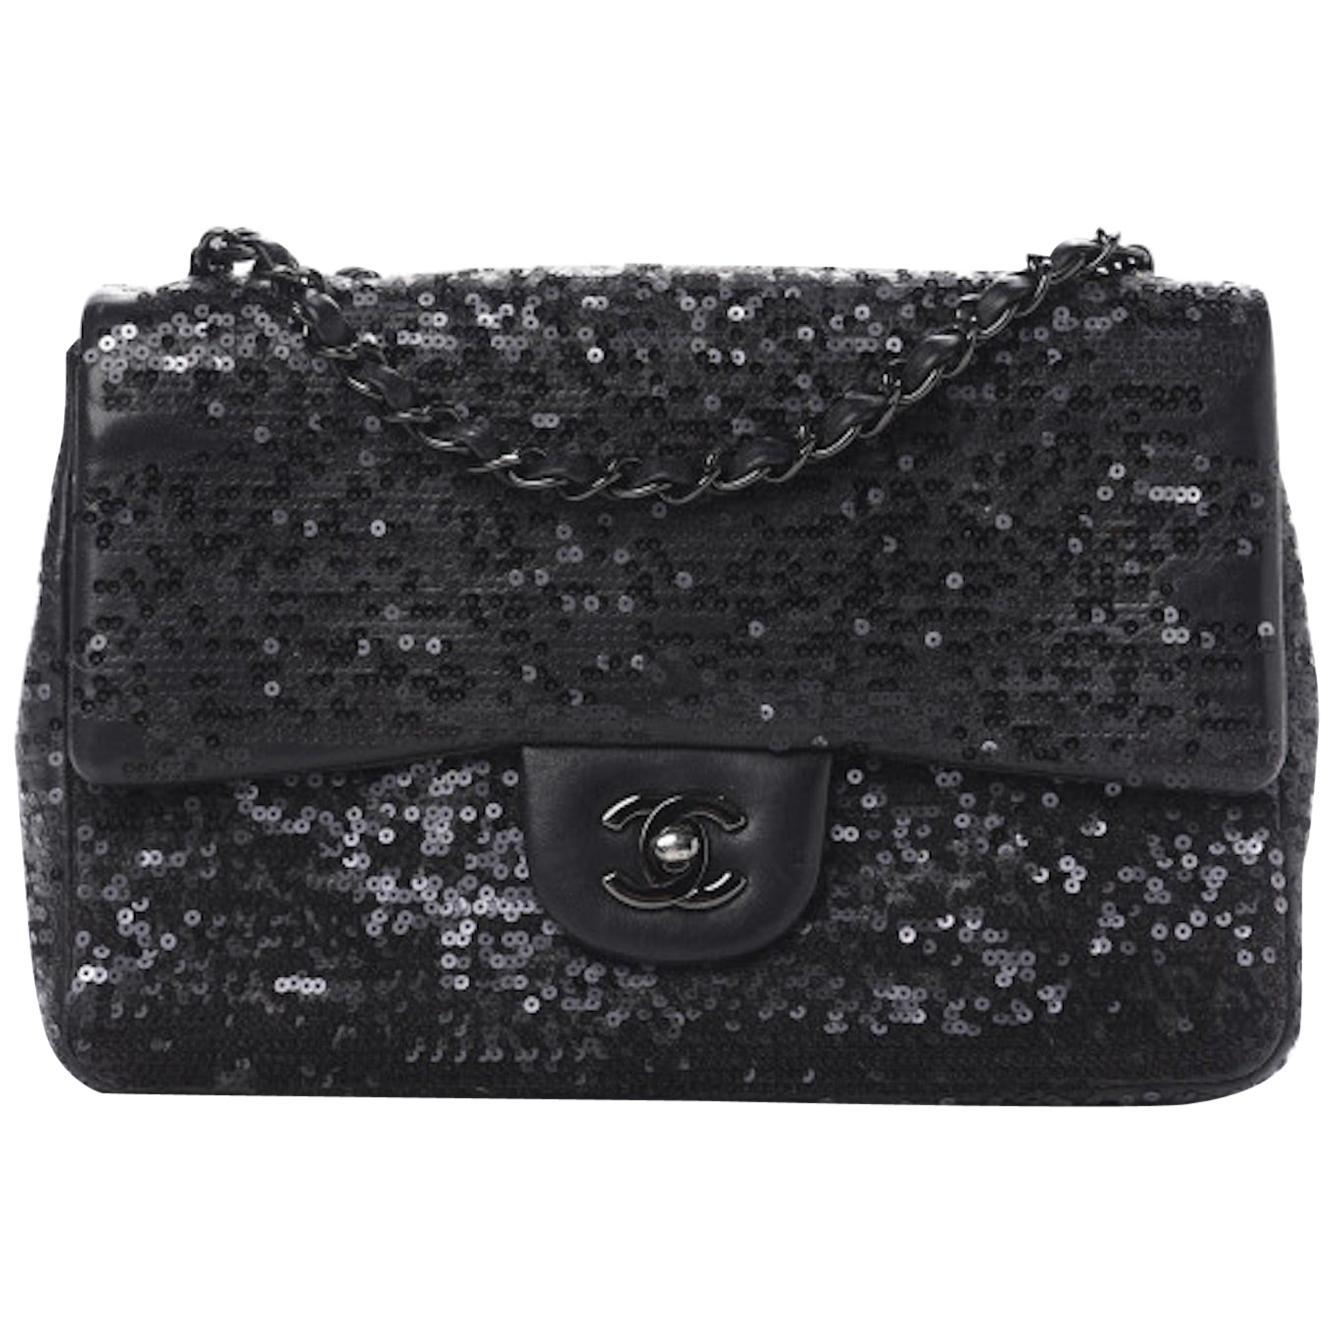 Chanel Classic Flap So Classic Jumbo Maxi Black Sequins Shoulder Bag